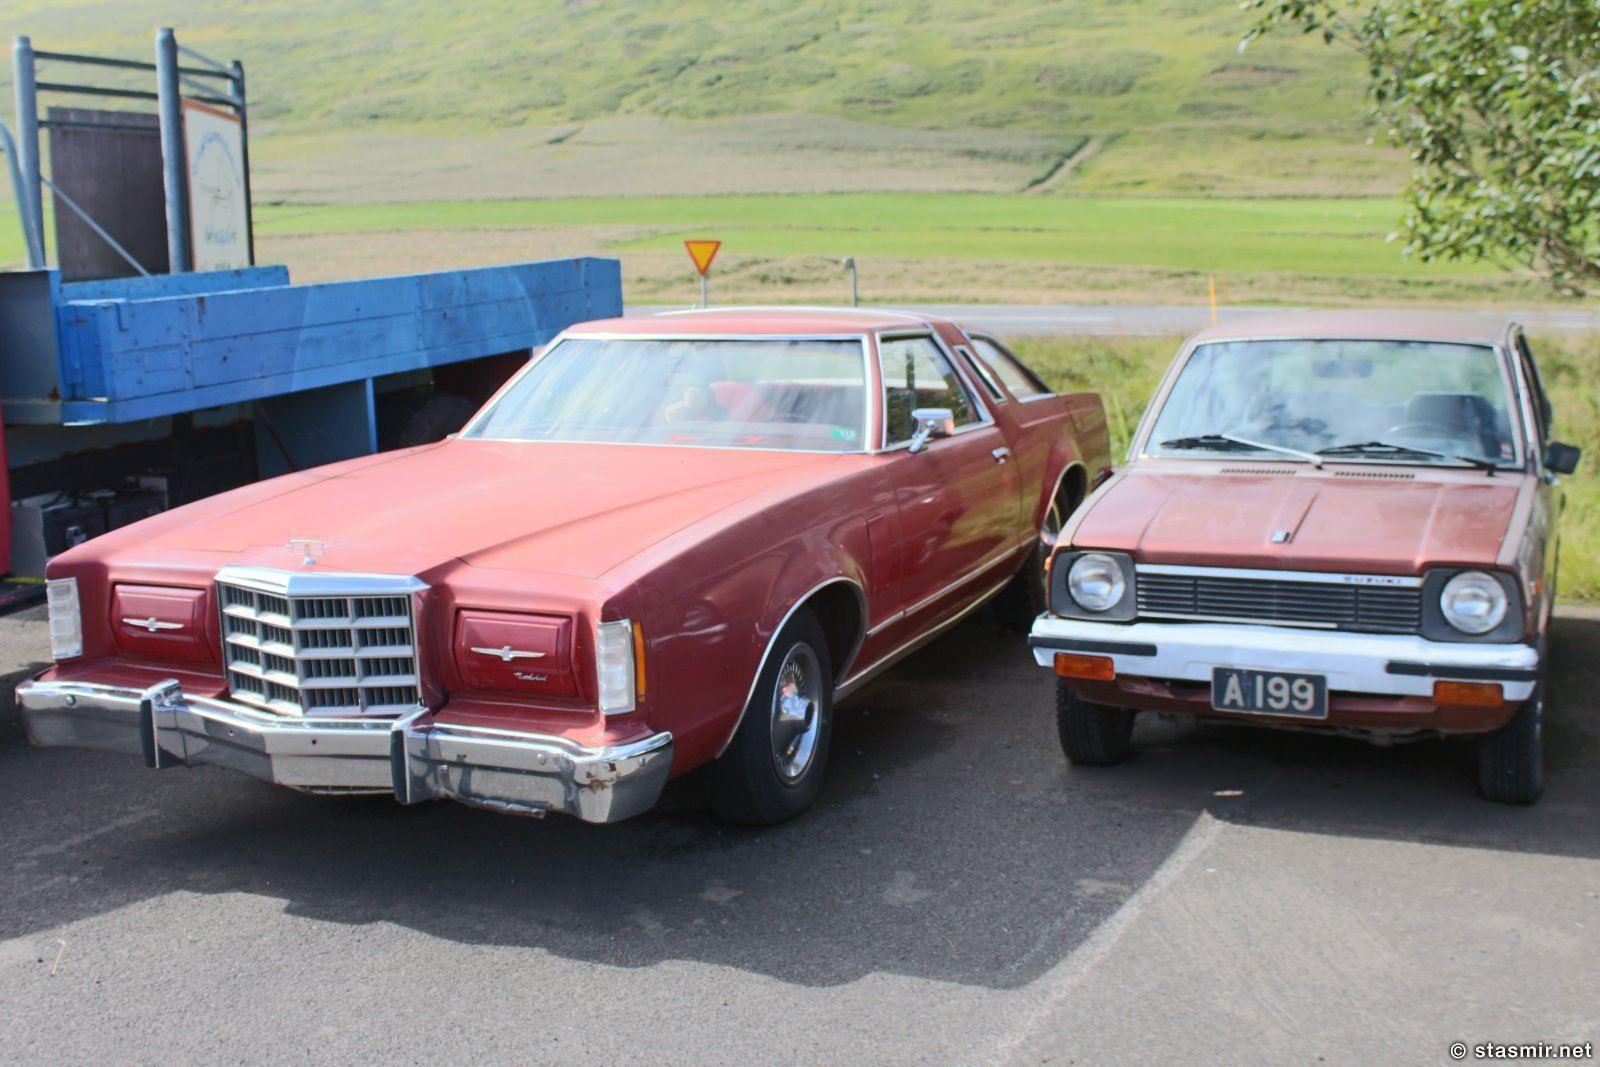 Линкольн и Хонда в музее Ystafell Transportation Museum рядом с Акюрейри, фото Стасмир, photo Stasmir